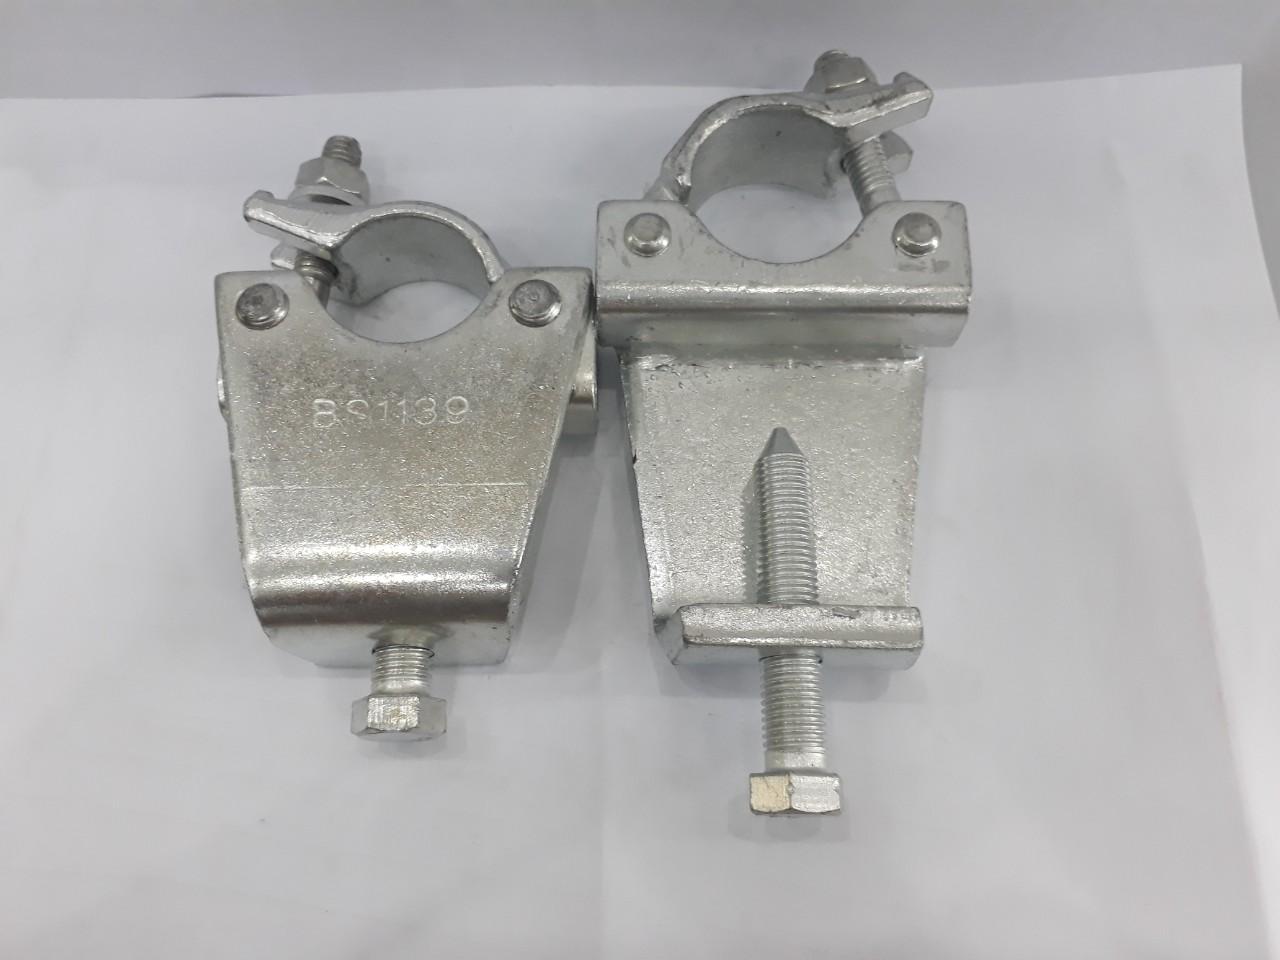 Kẹp dầm BS1139, Kẹp má BS1139, Ø 48.3mm độ mở 75-80mm